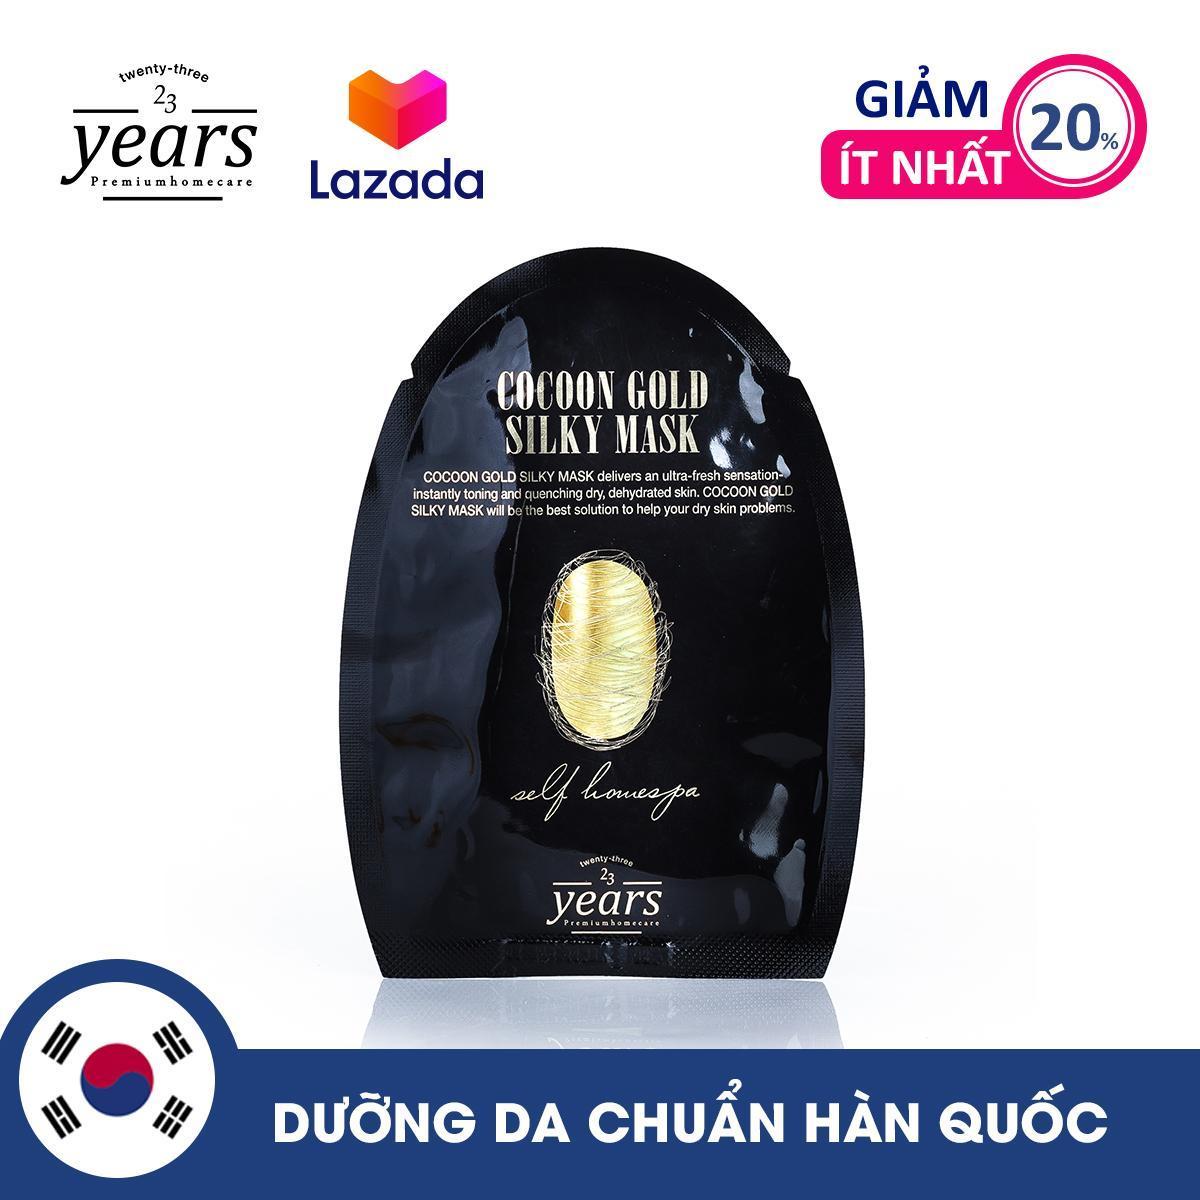 Mặt nạ lụa vàng kén tằm giúp da trắng sáng và căng bóng 23 Years Old Cocoon Gold Silky Mask 25g chính hãng